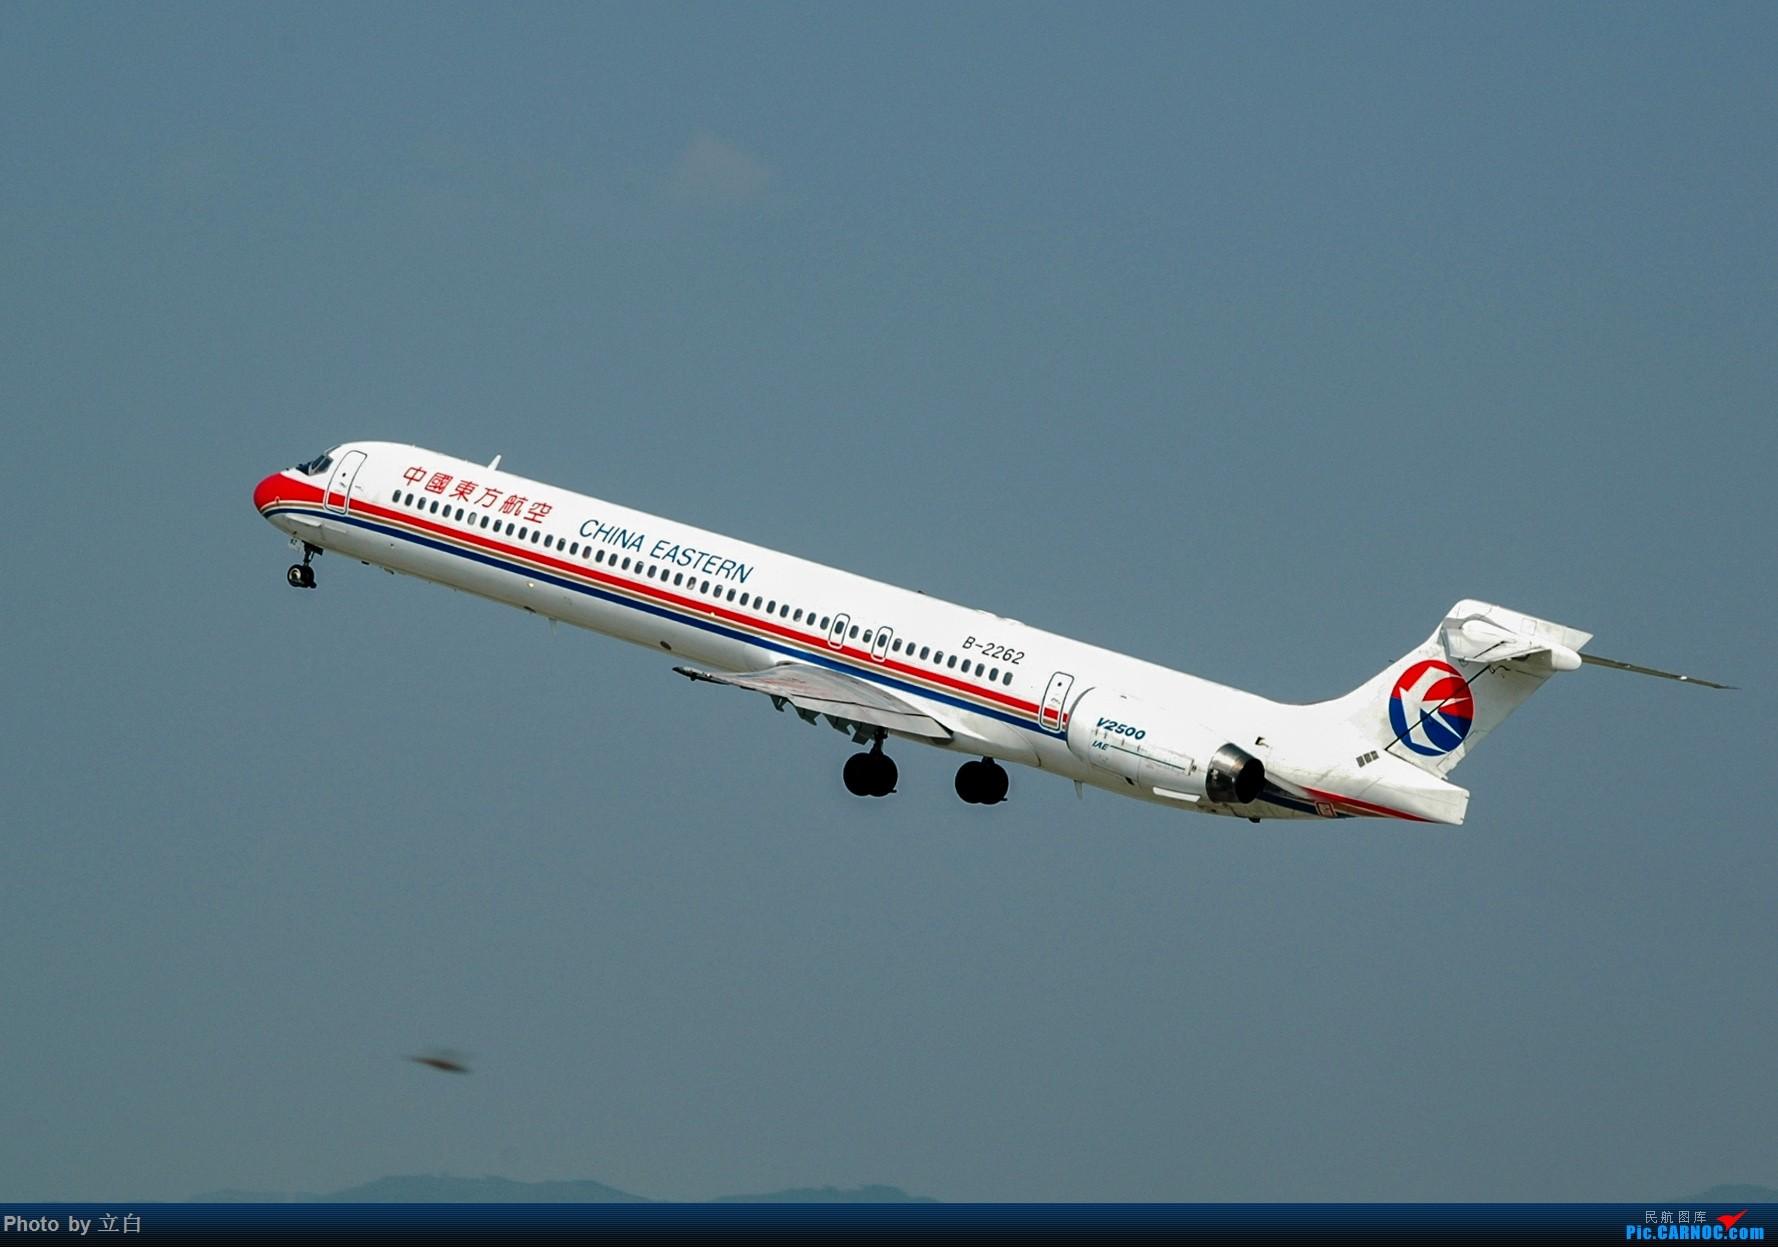 Re:[原创]以前拍的烂片,但也算是历史的记忆 MD MD-90-30 B-2262 中国广州白云国际机场